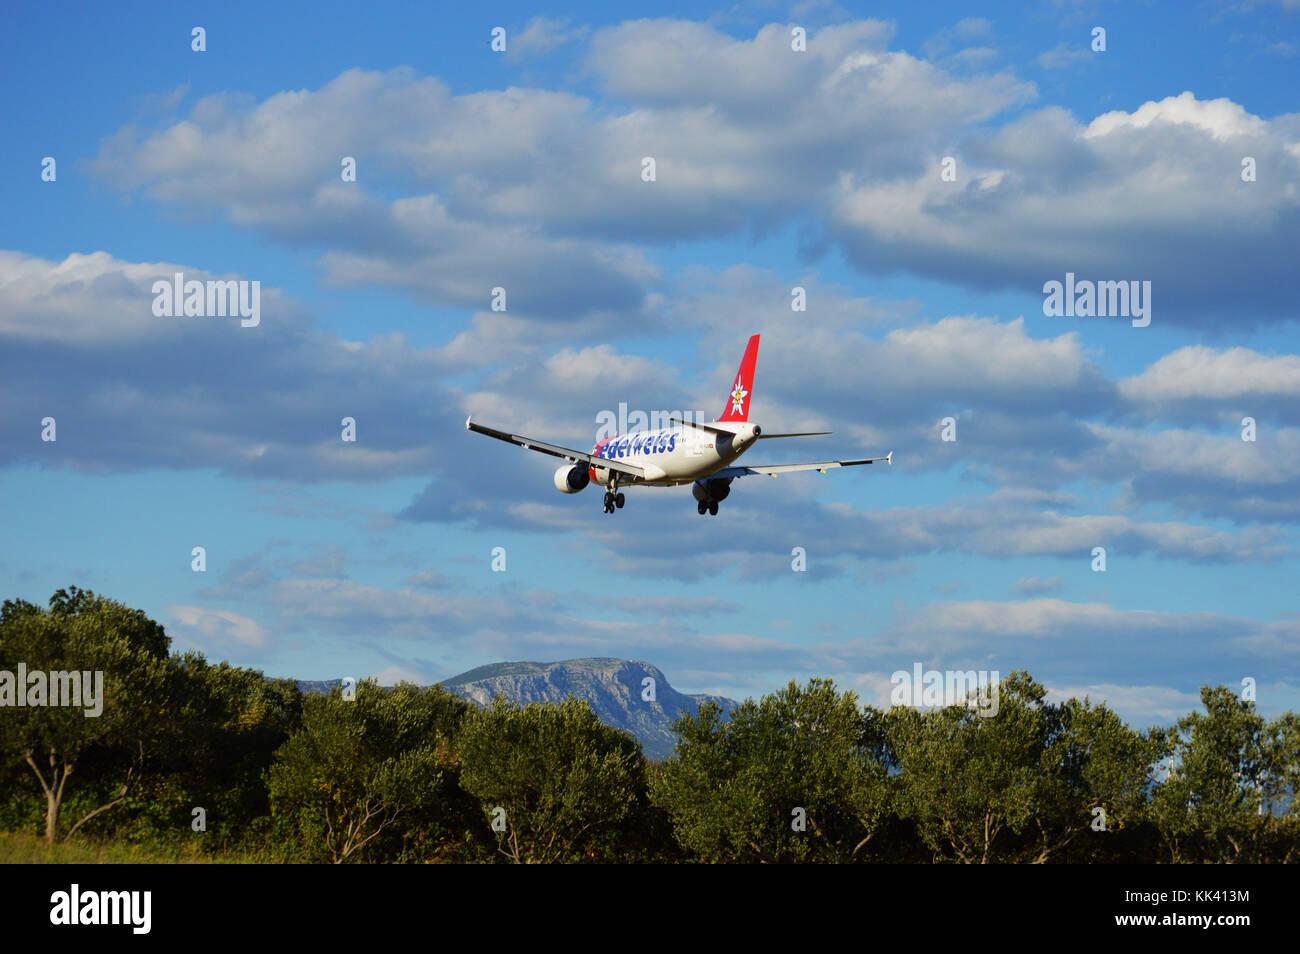 HB-IJV Edelweiss Airbus A320-214 di atterraggio su LDSP aeroporto di Split RWY 05, Kaštela Croazia Immagini Stock